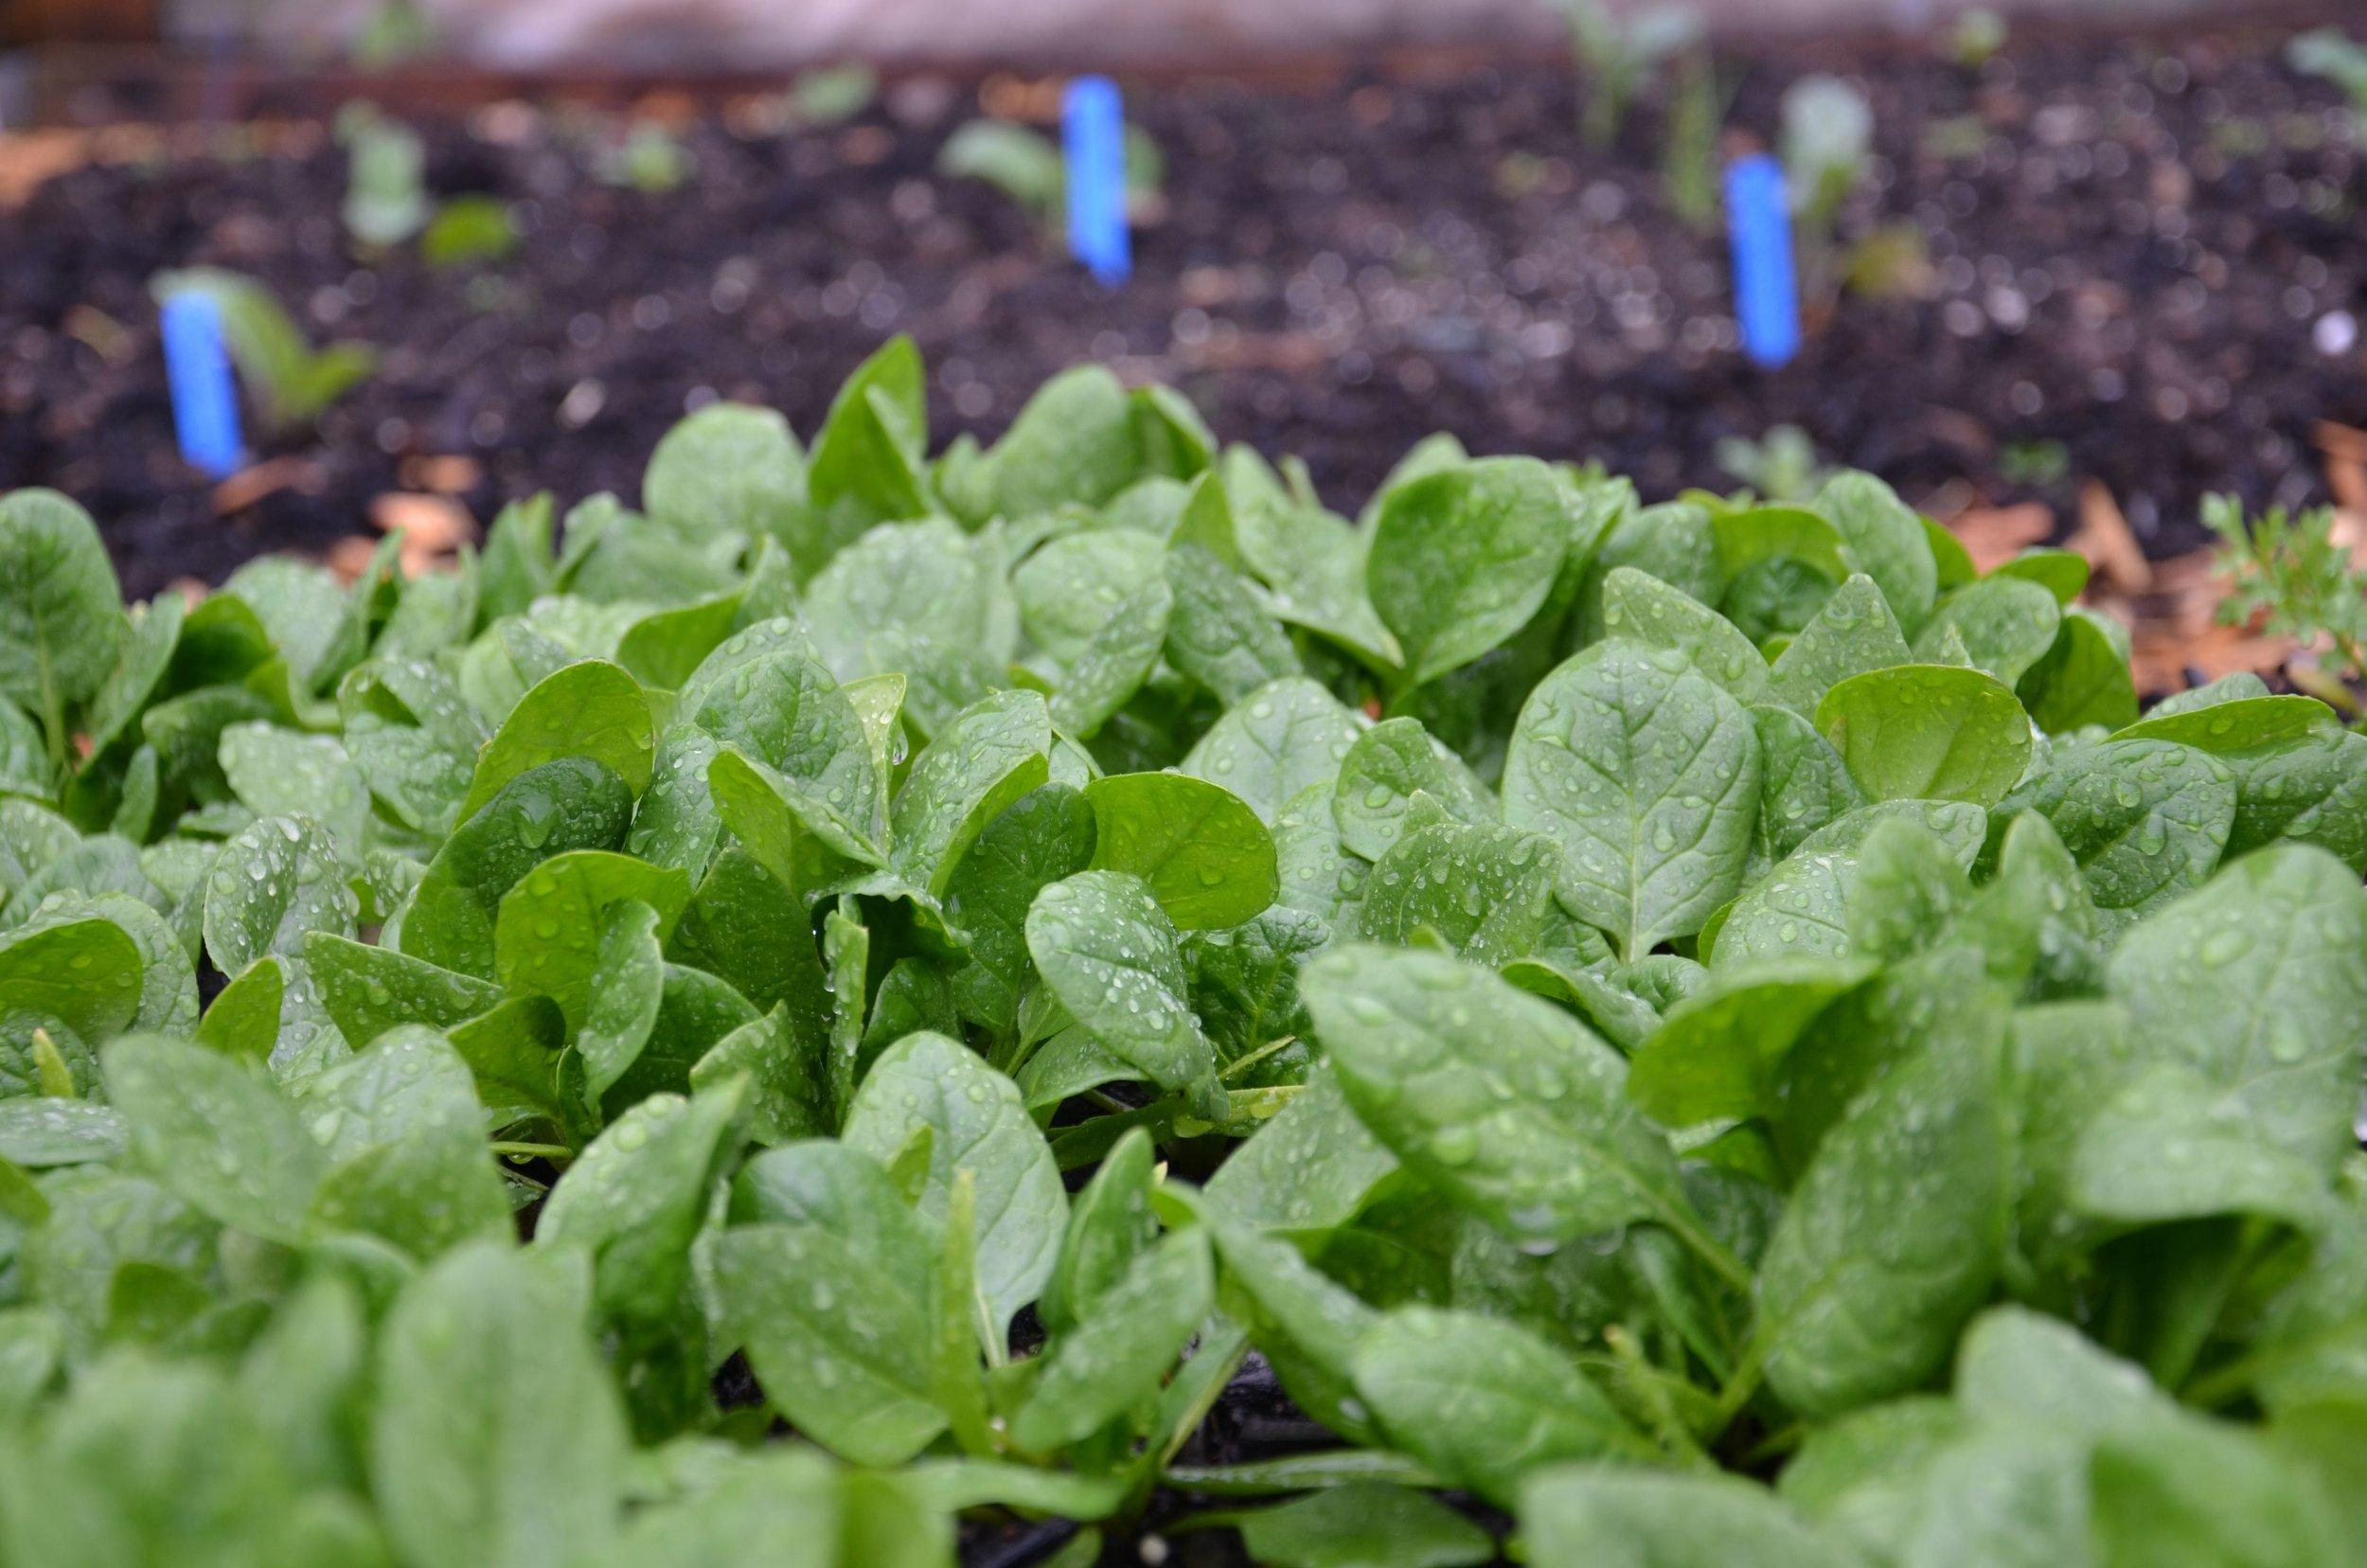 Spinach_Seattle Urban Farm Co.